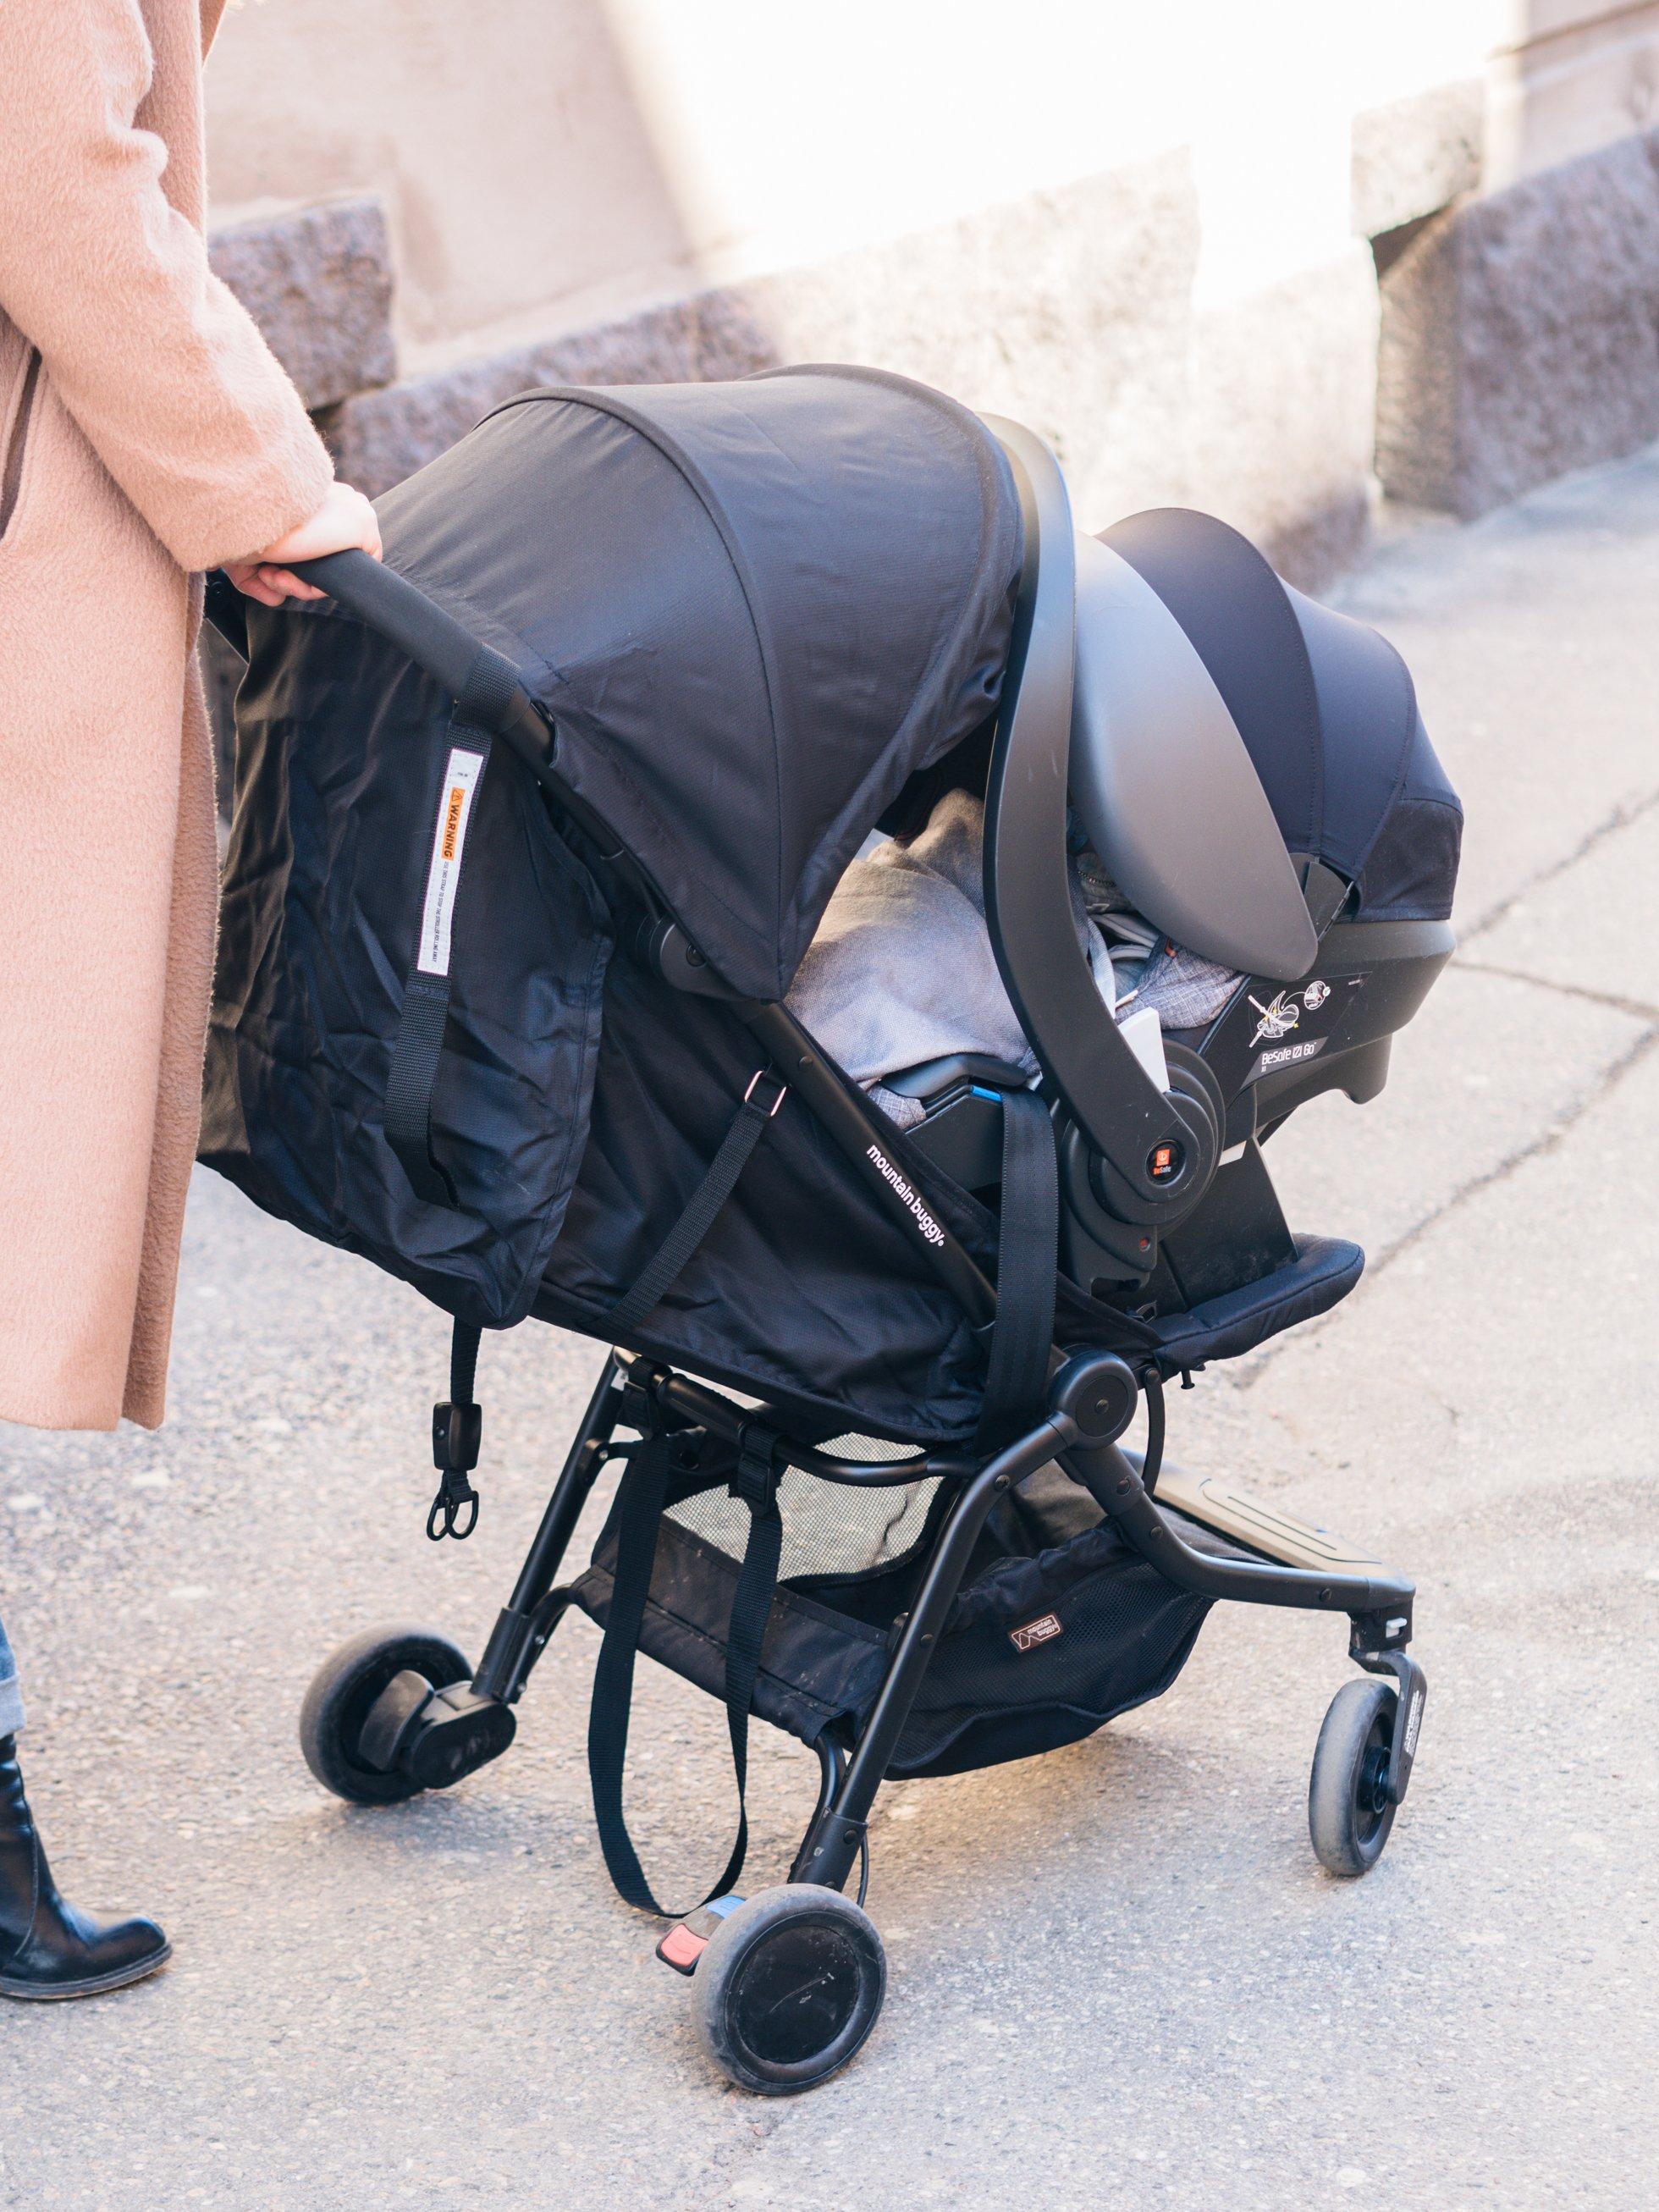 Matkarattaat ja vauvan kanssa matkustaminen